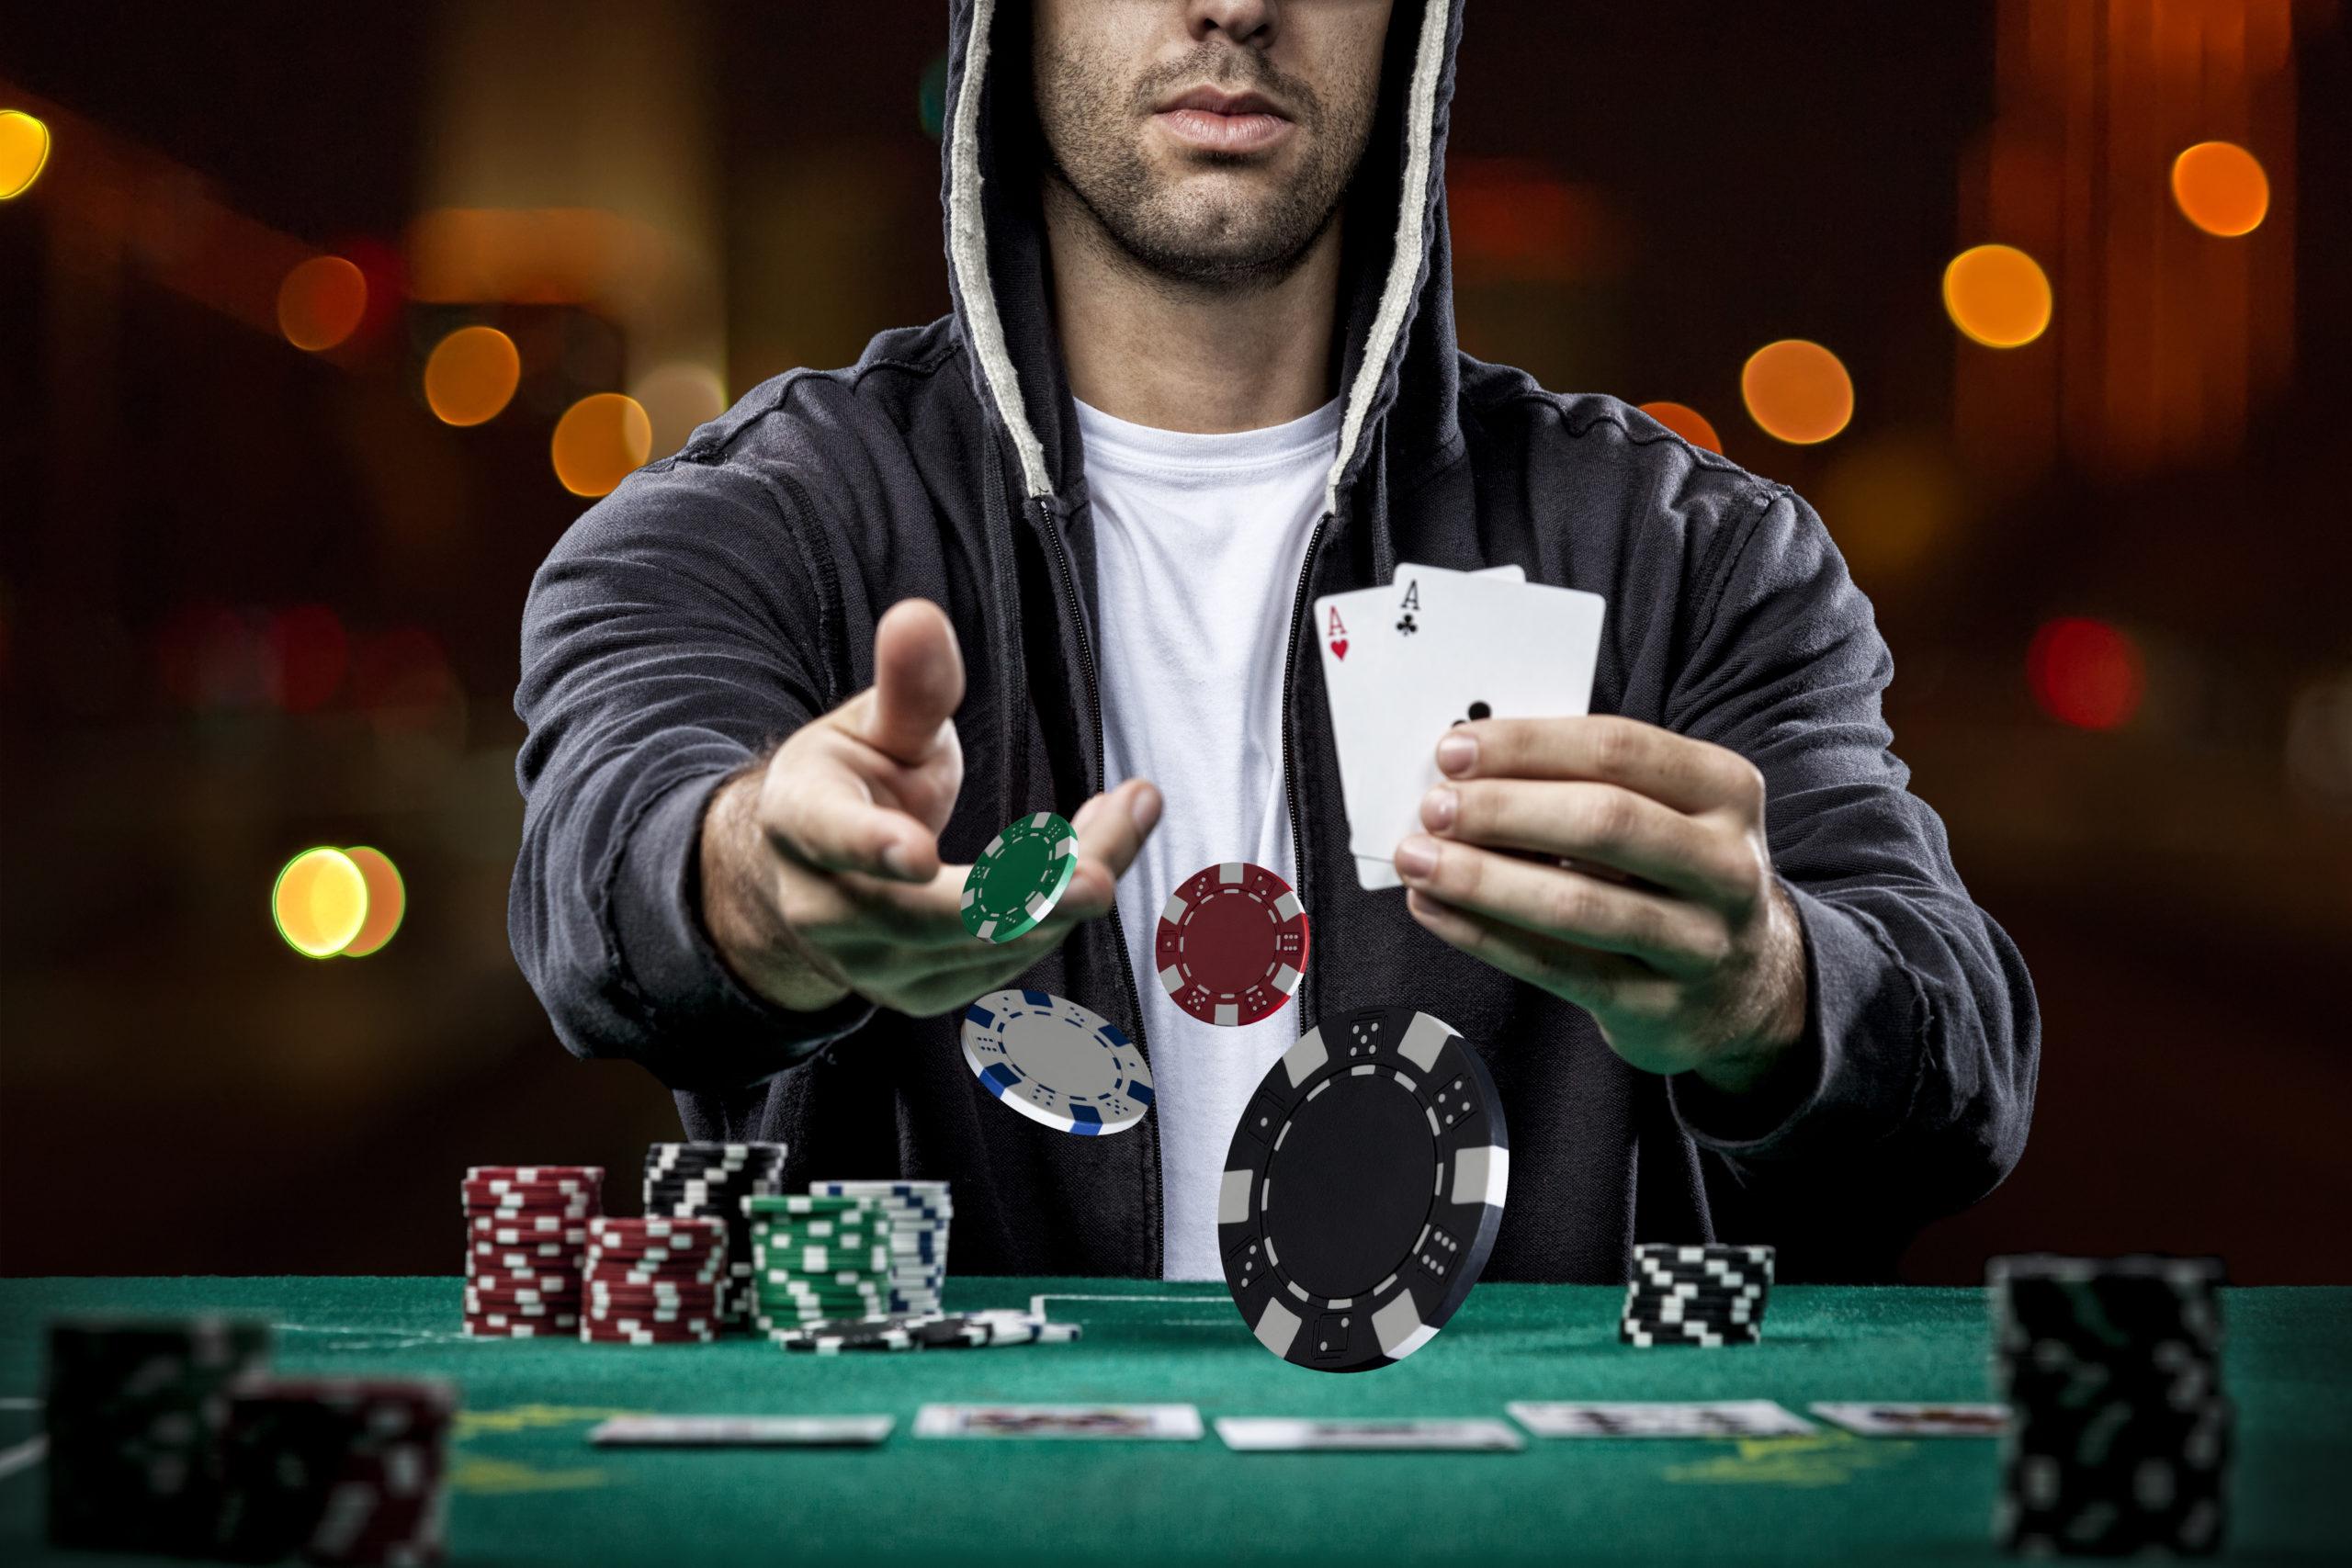 ポーカーをする男